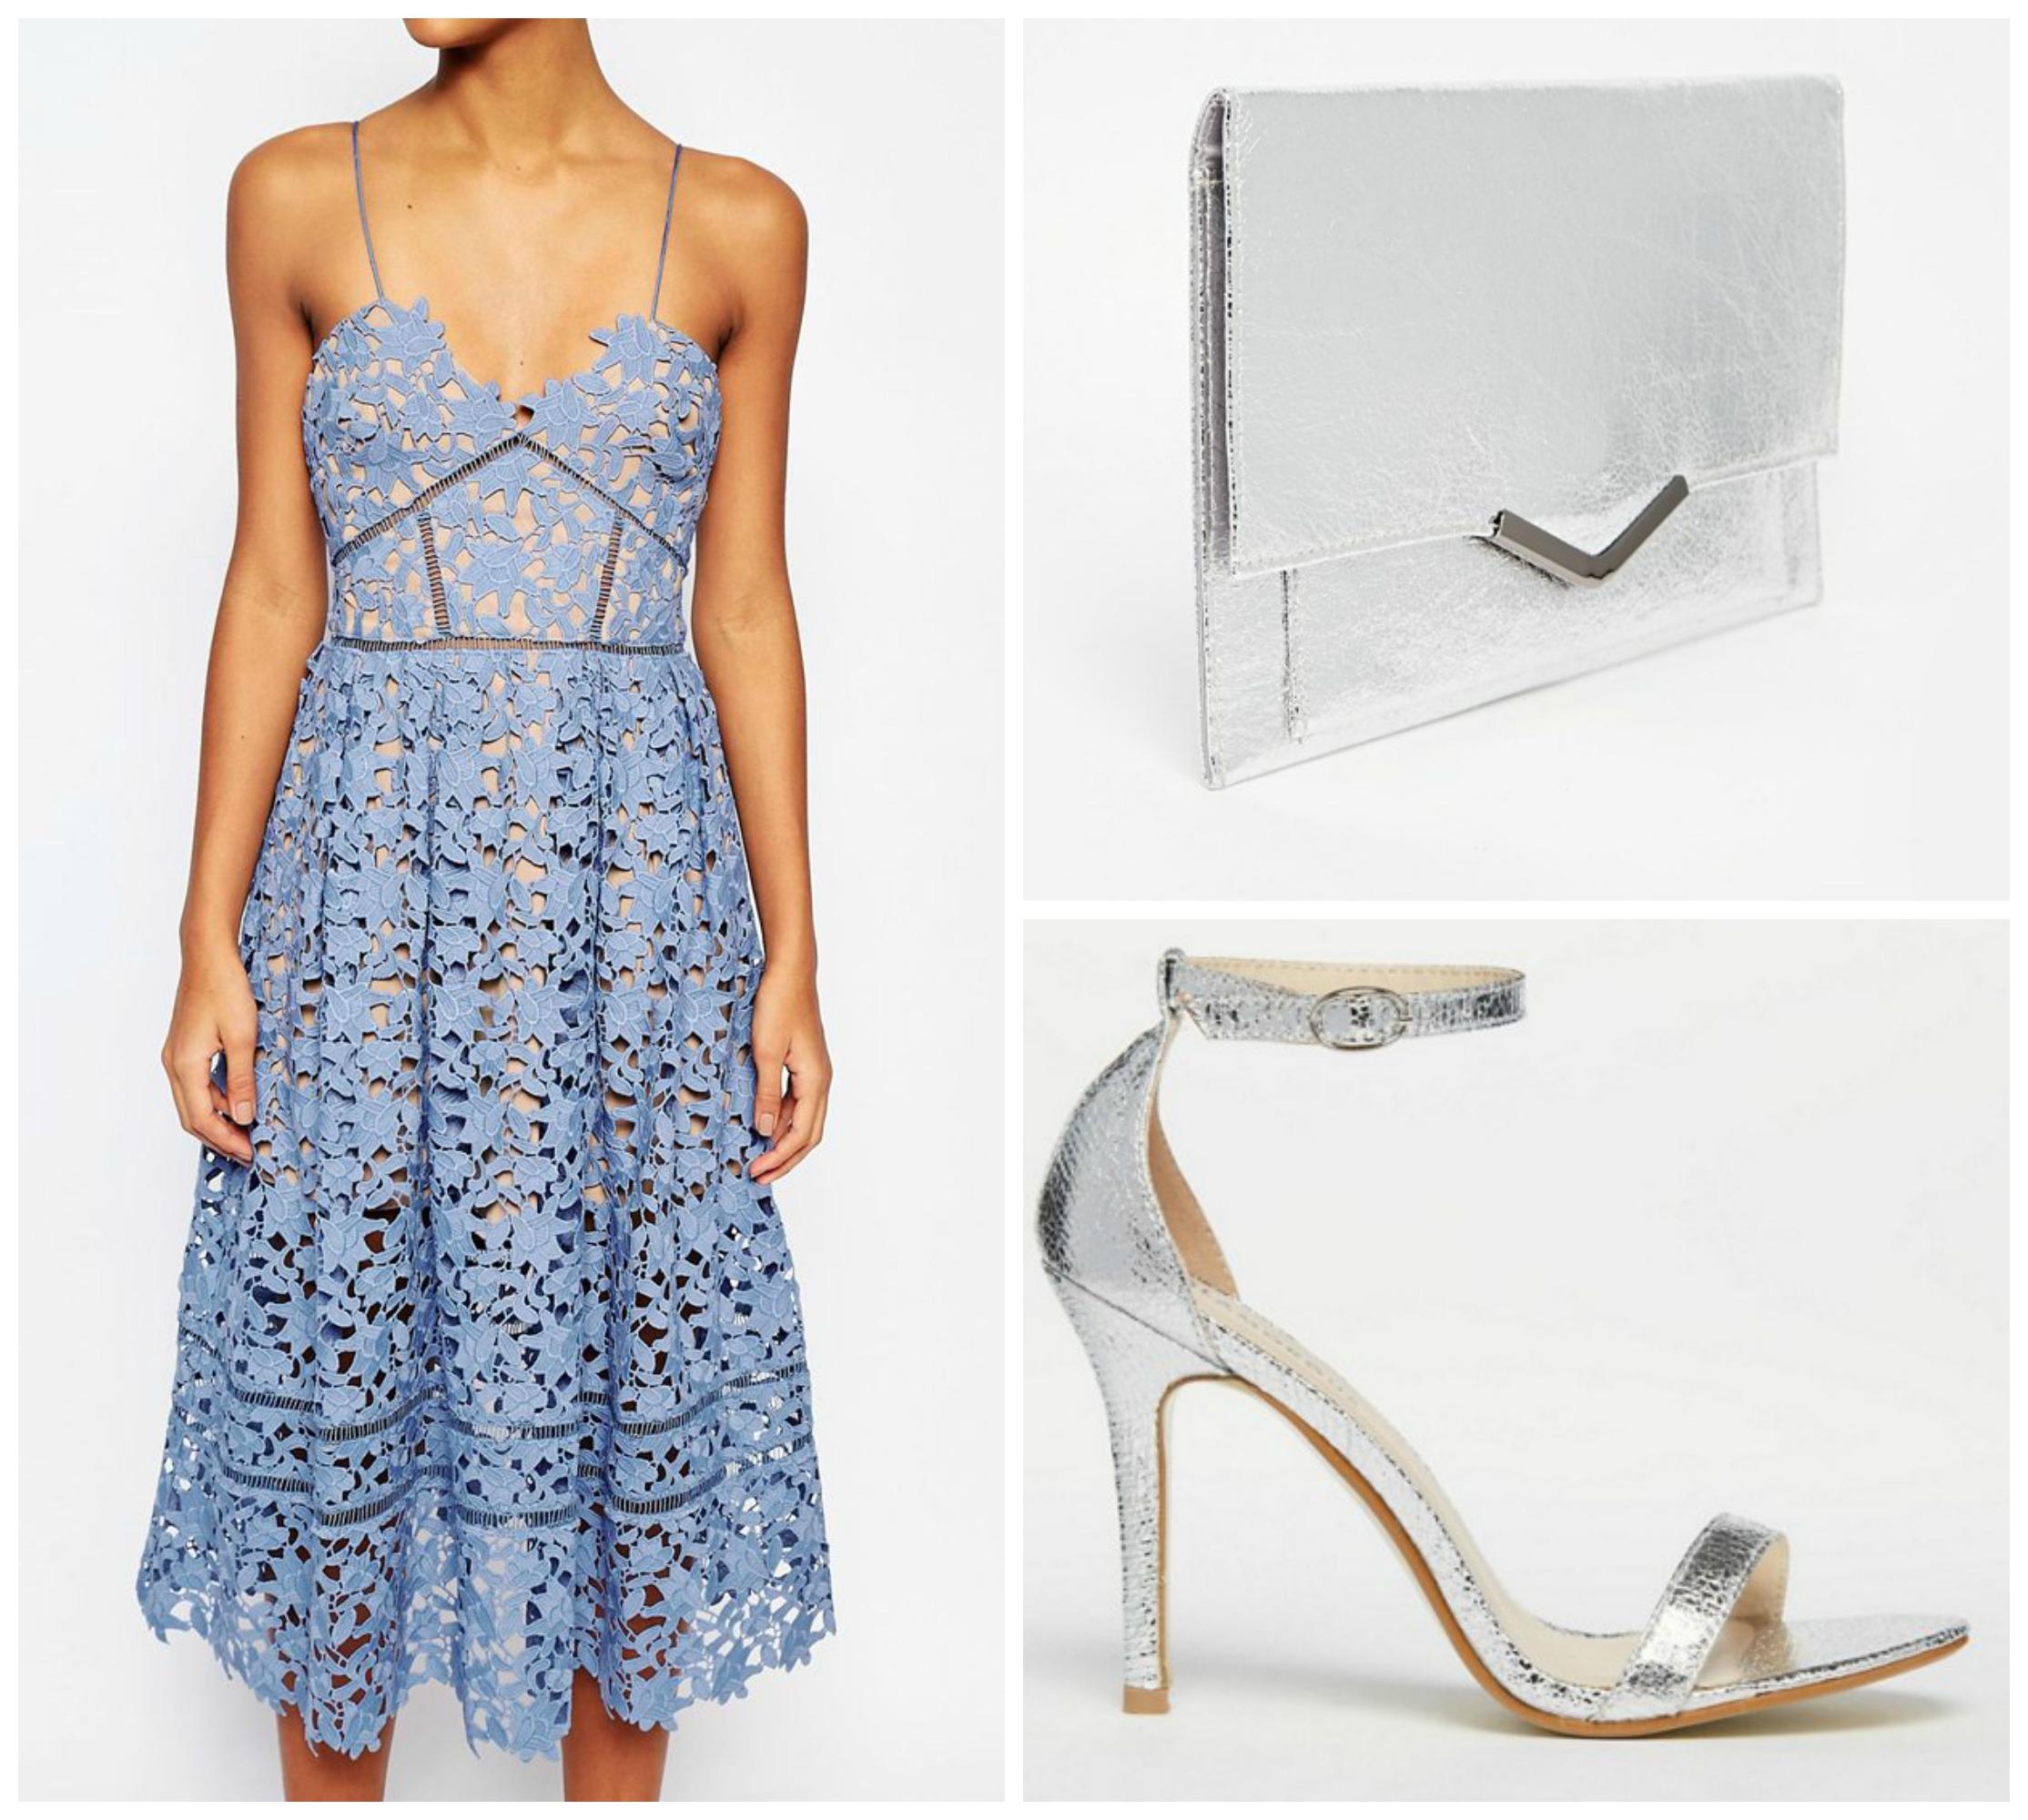 Die schönsten Kleider zu Hochzeiten 2016